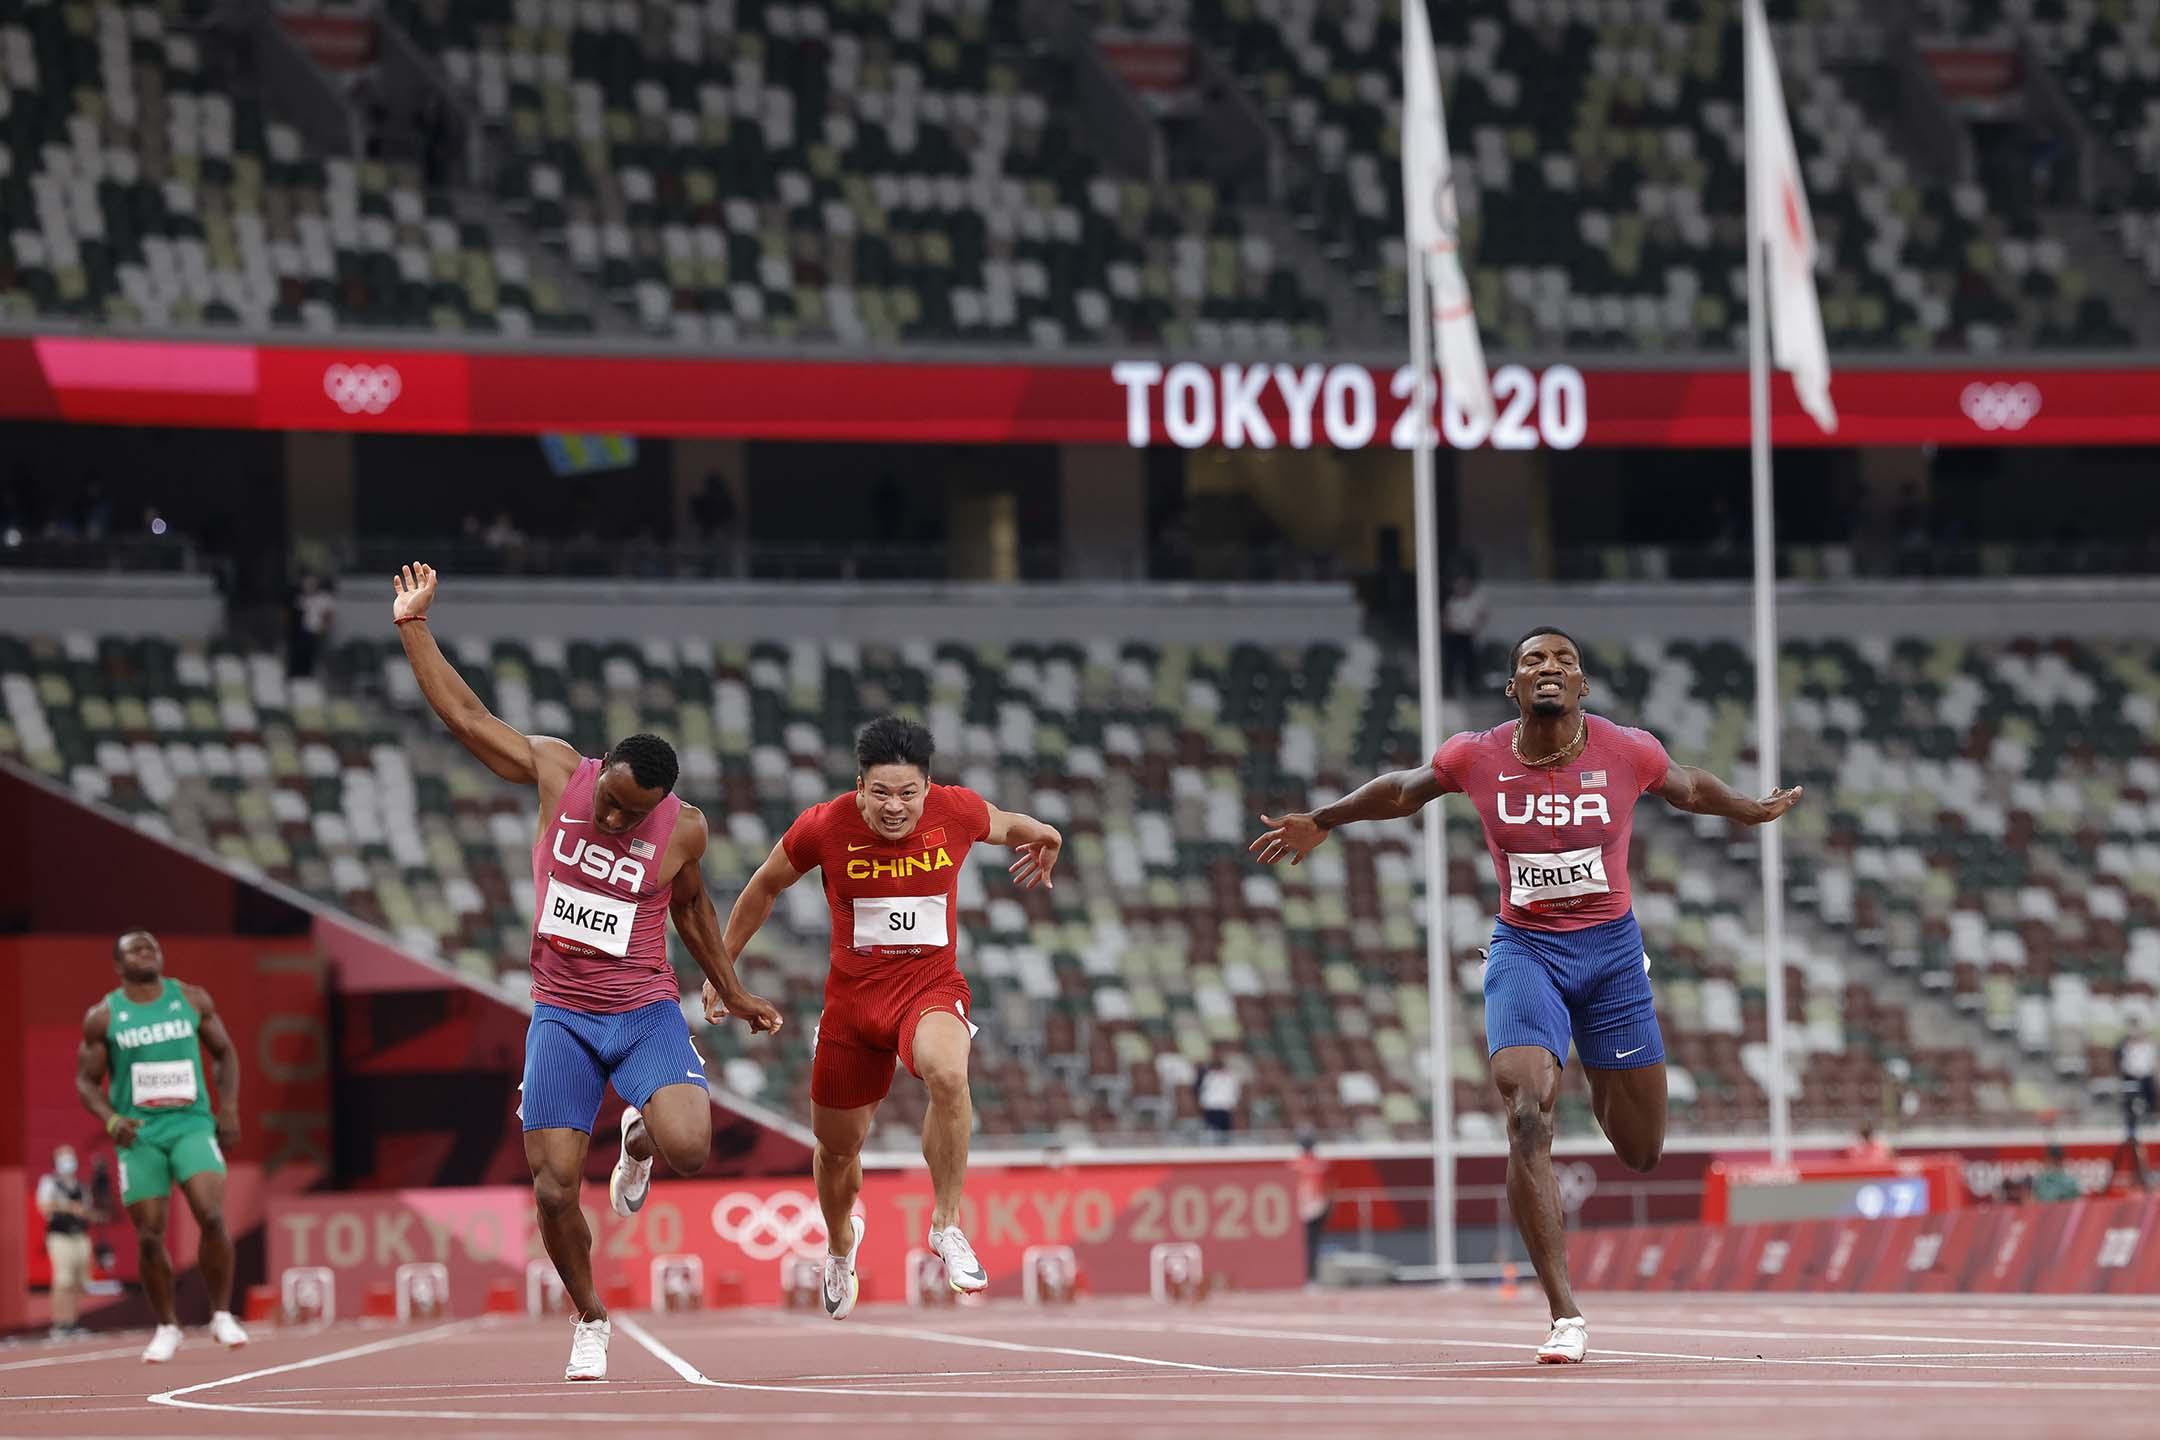 2021年8月1日日本東京,美國的弗雷德·克利(右)在男子 100 米決賽中超越中國選手蘇炳添獲得亞軍。